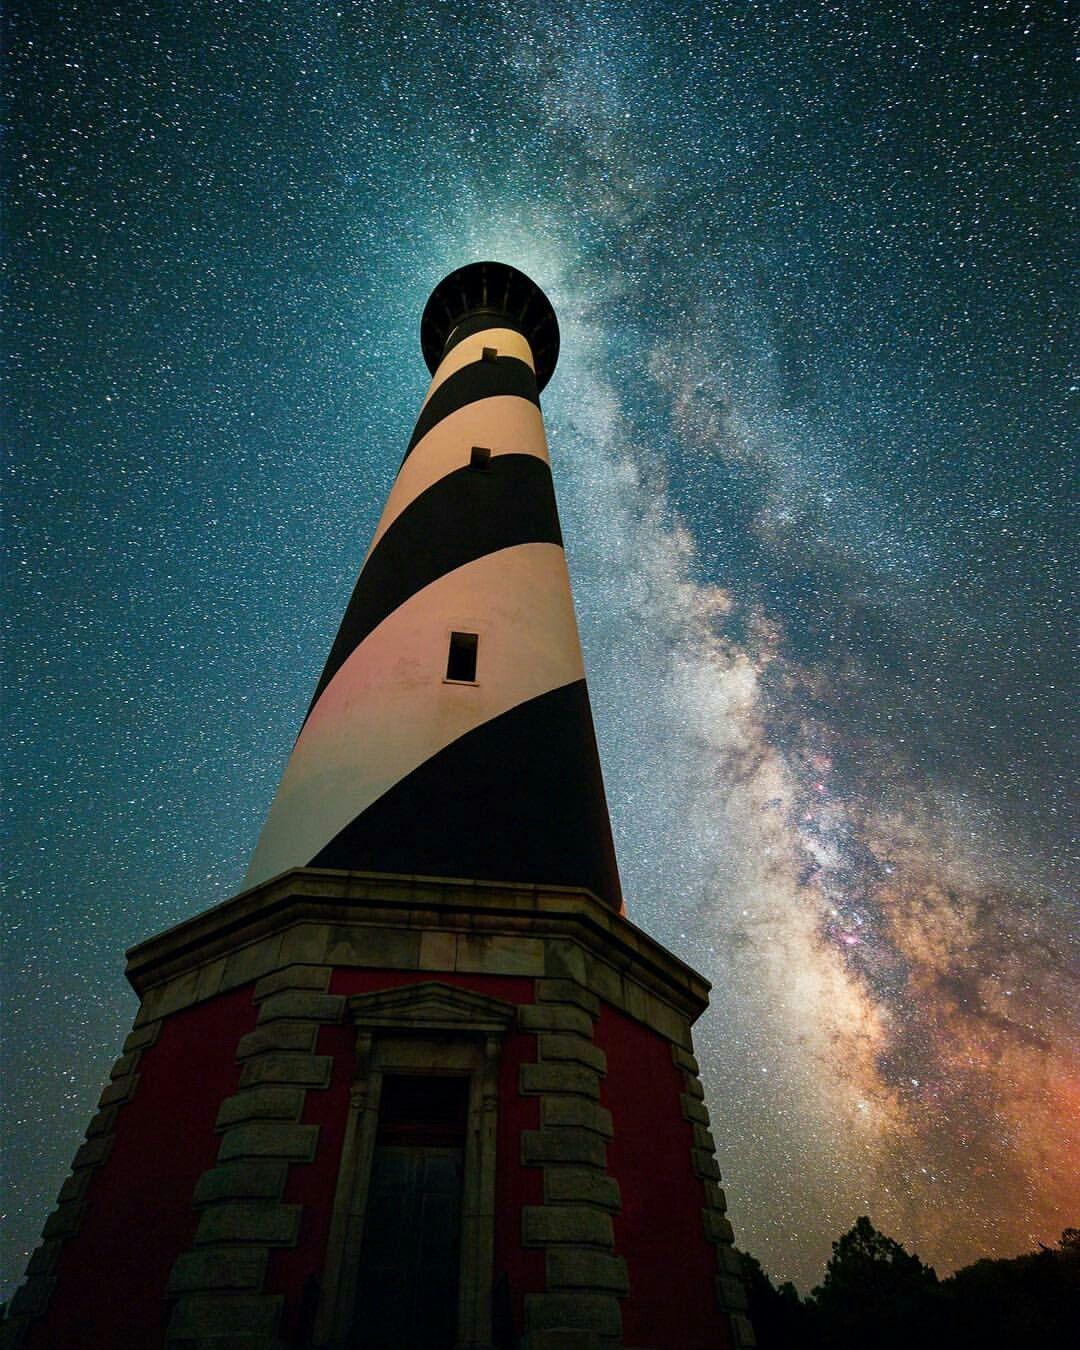 Starry starry night | Sky | Cape hatteras lighthouse ...